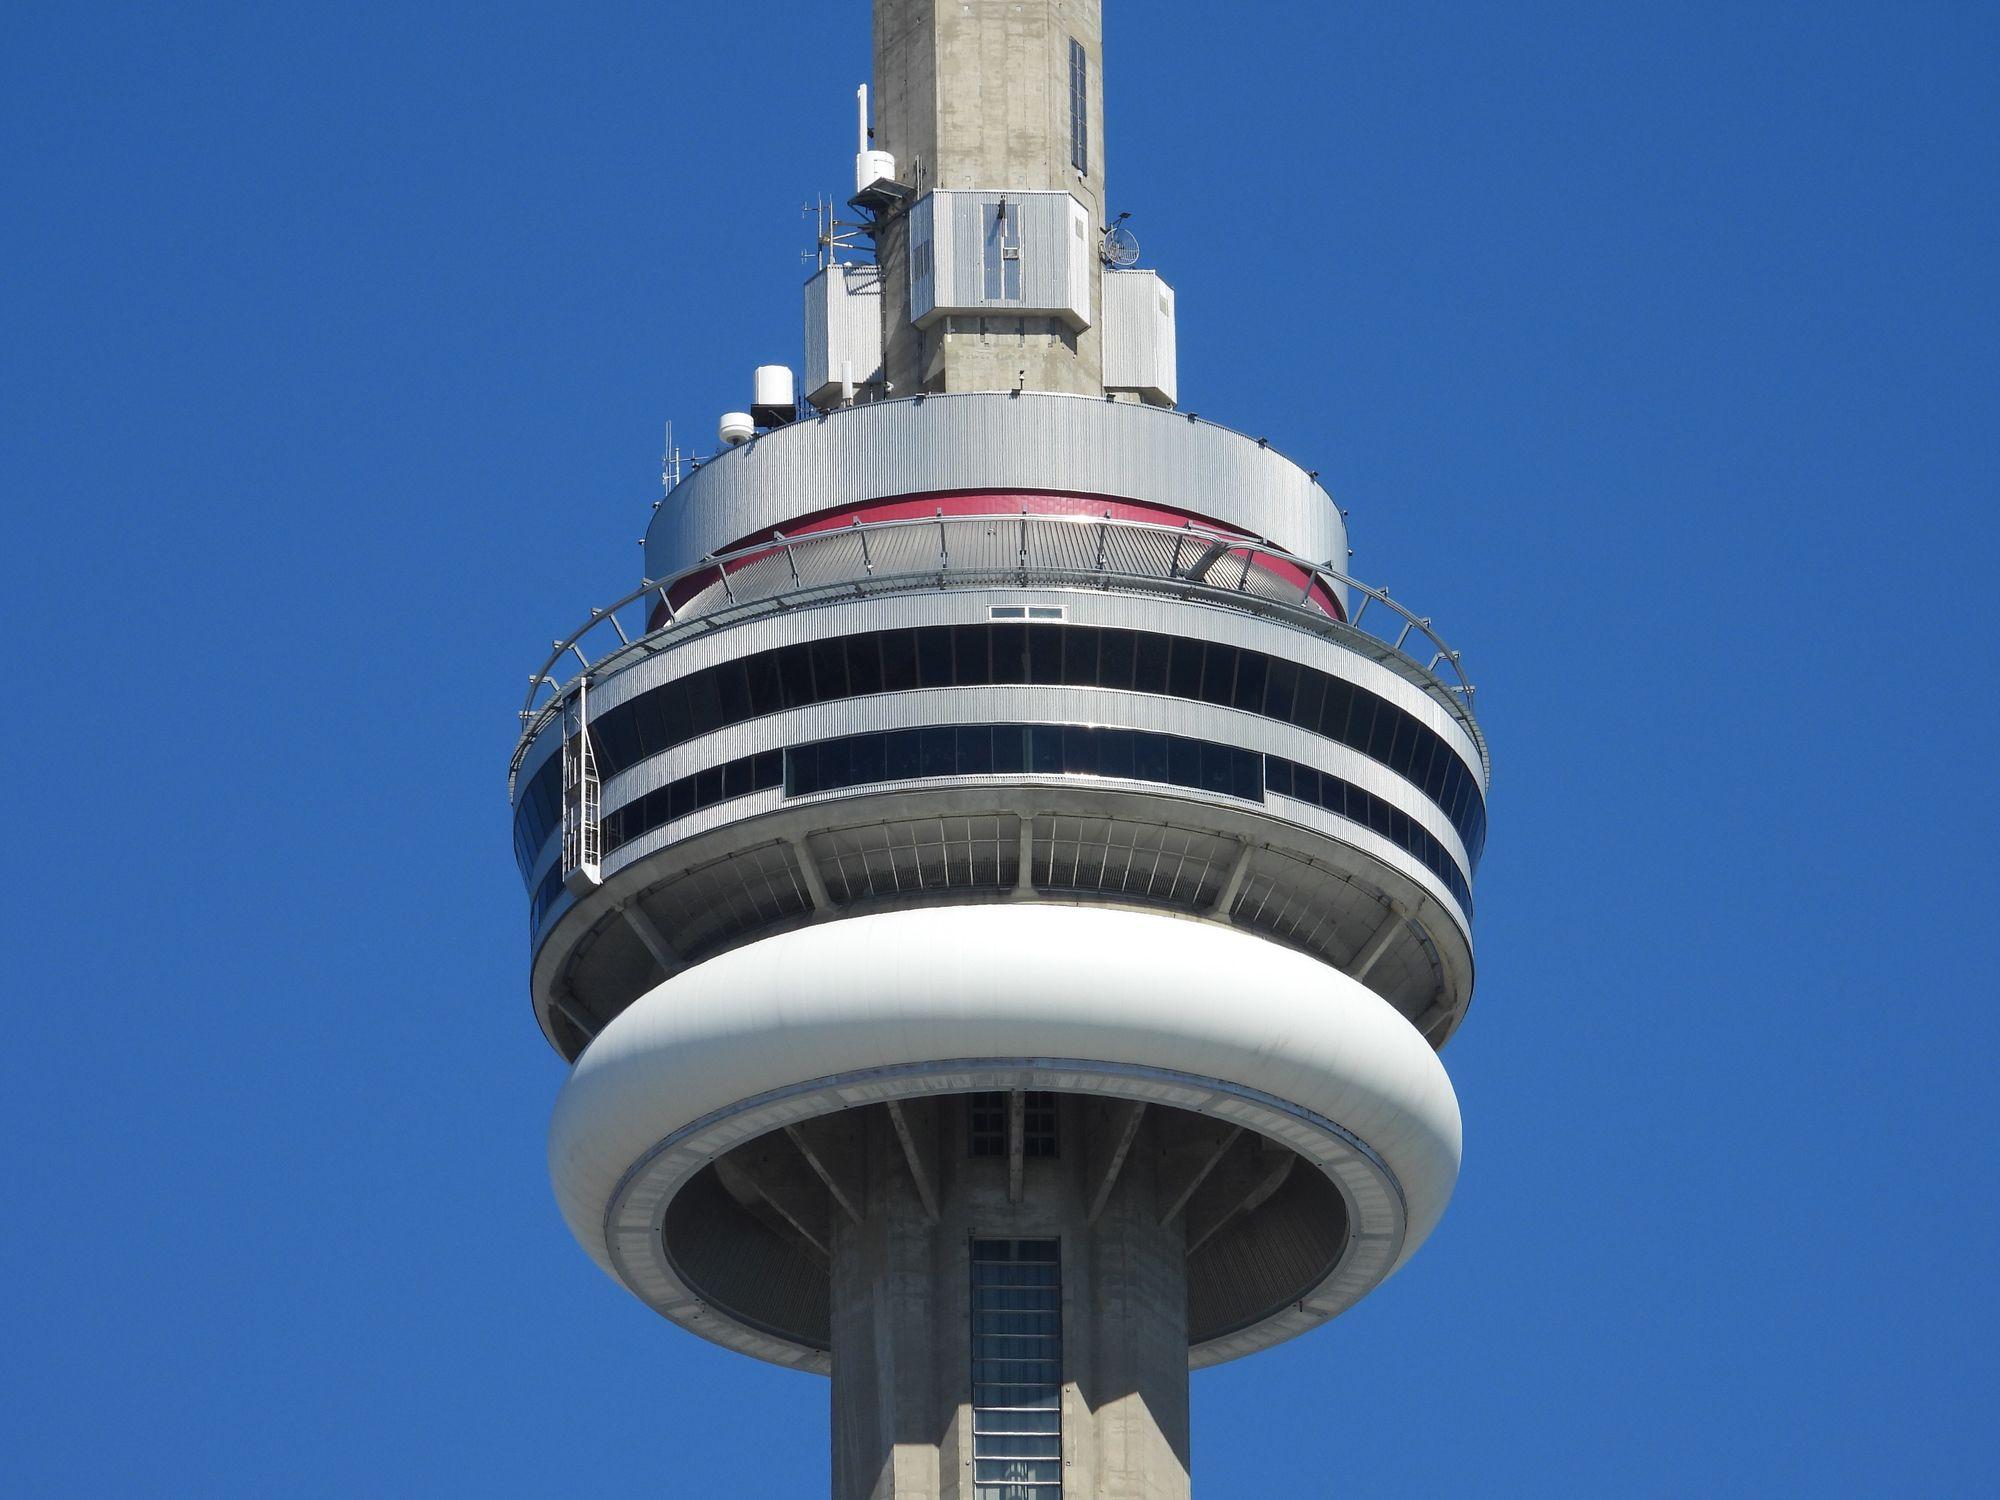 世界闻名的多伦多塔- CN Tower - 加拿大必打卡游览景点